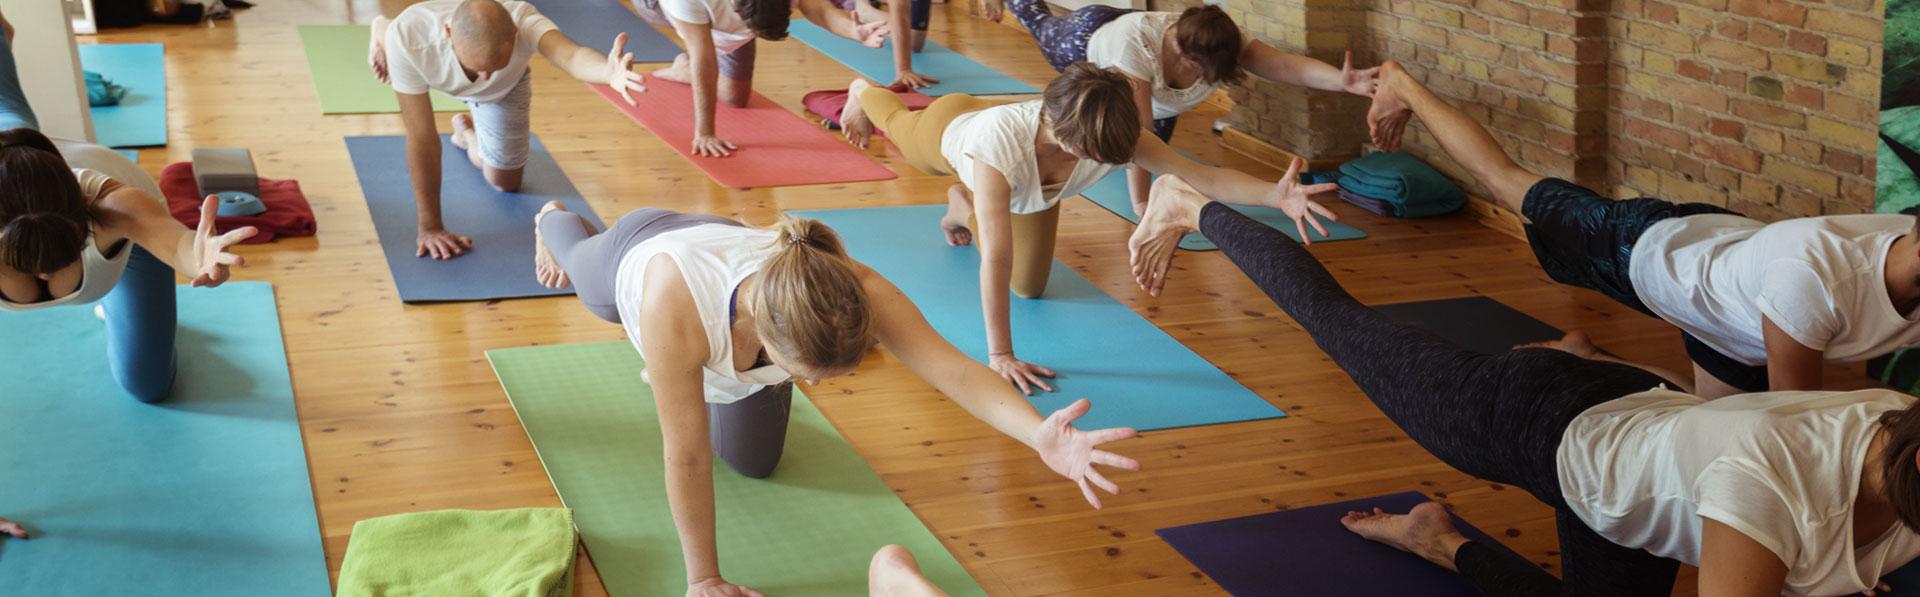 Pilates Kurse bei yogafürdich Berlin